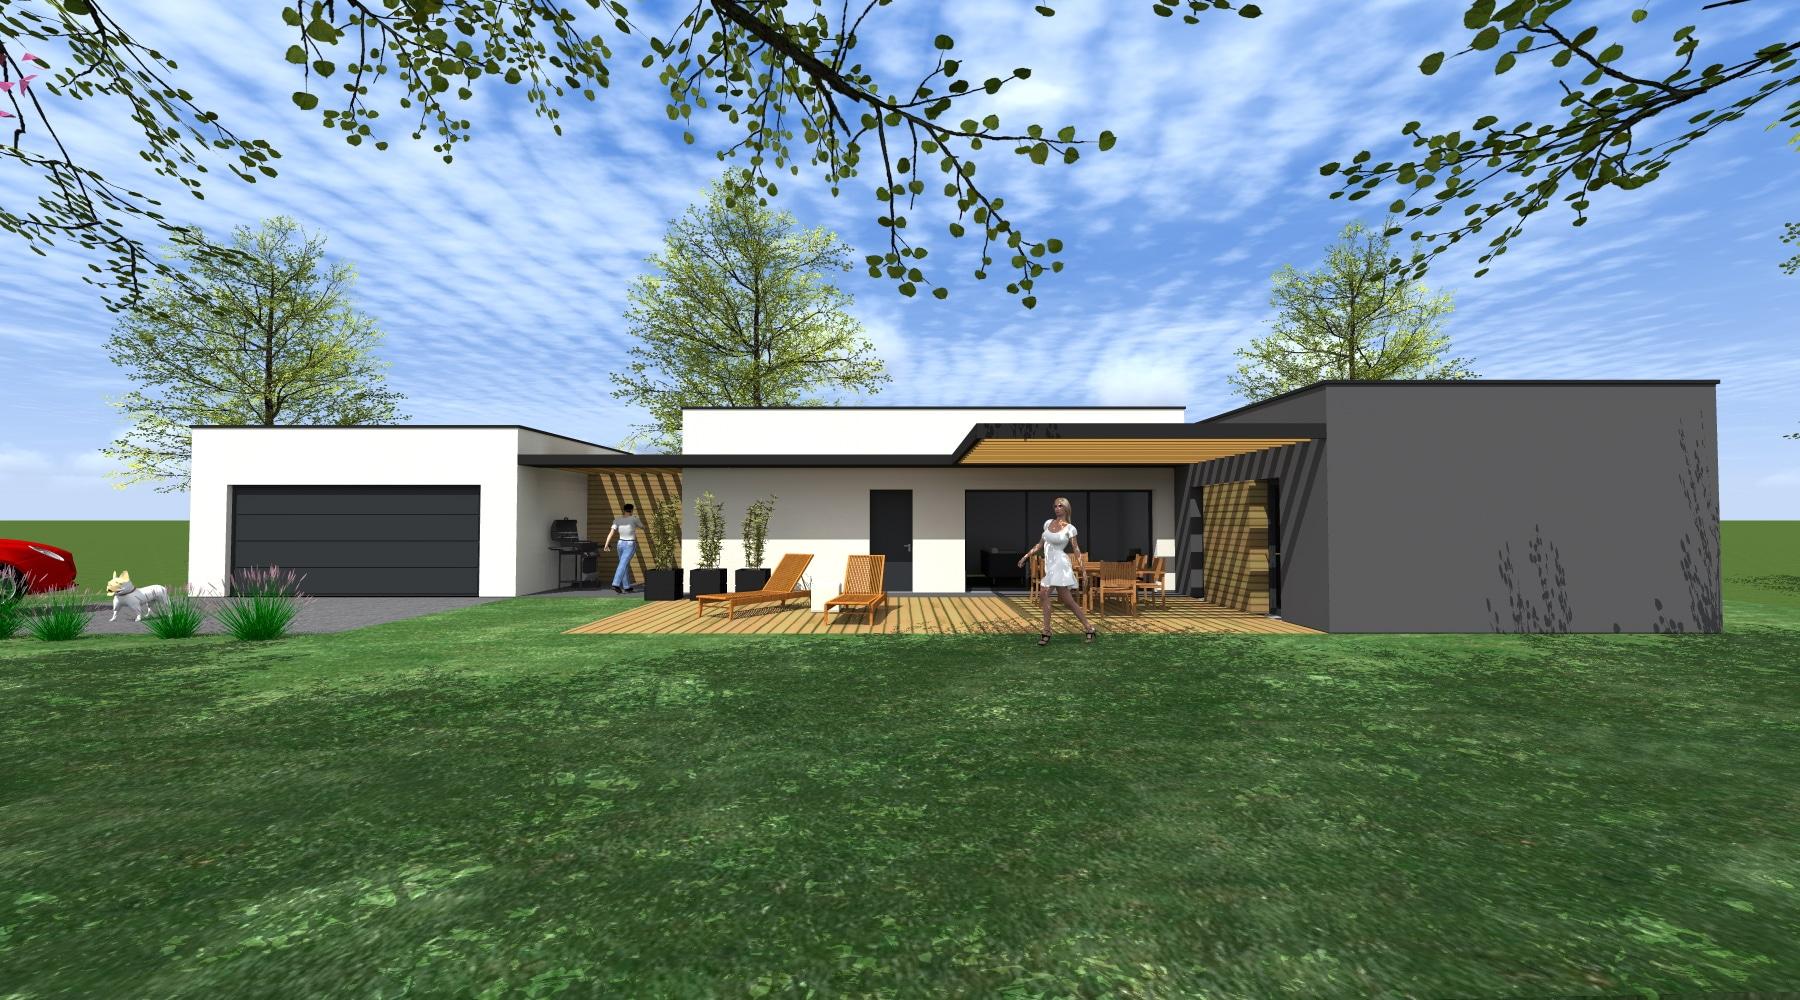 Maison sans architecte - Site d architecture gratuit ...